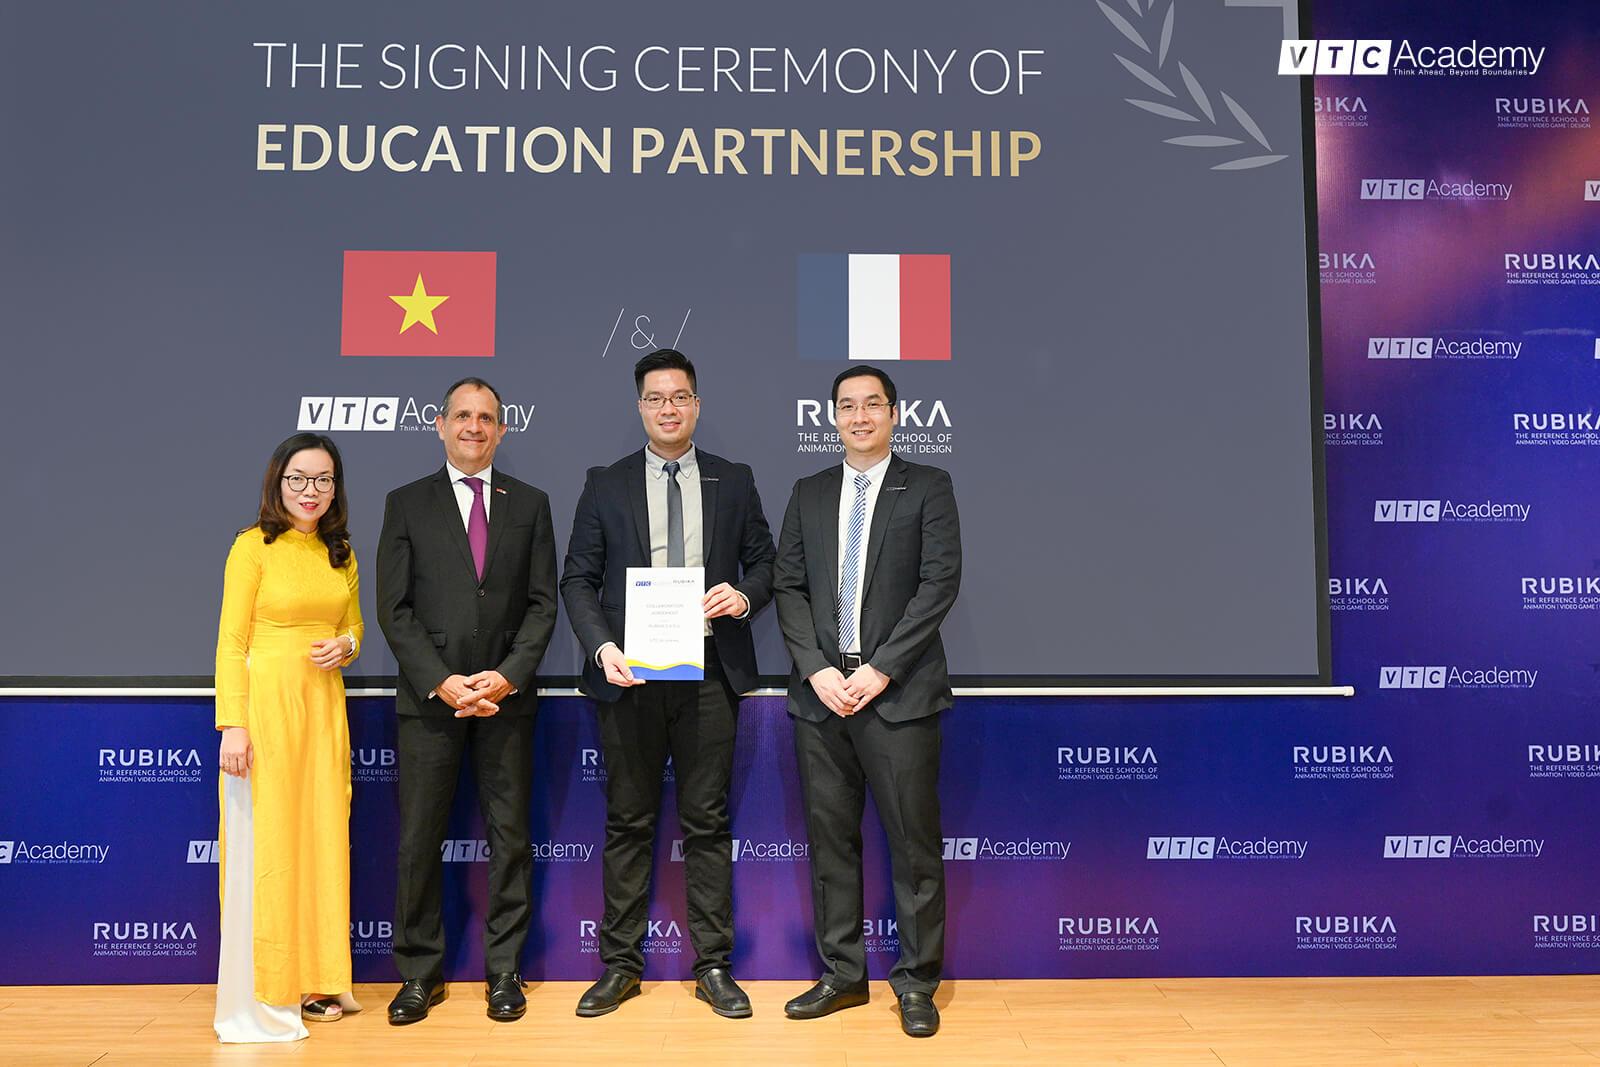 Thời sự VTV1 đưa tin về lễ ký kết hợp tác giáo dục giữa VTC Academy và RUBIKA (Pháp)